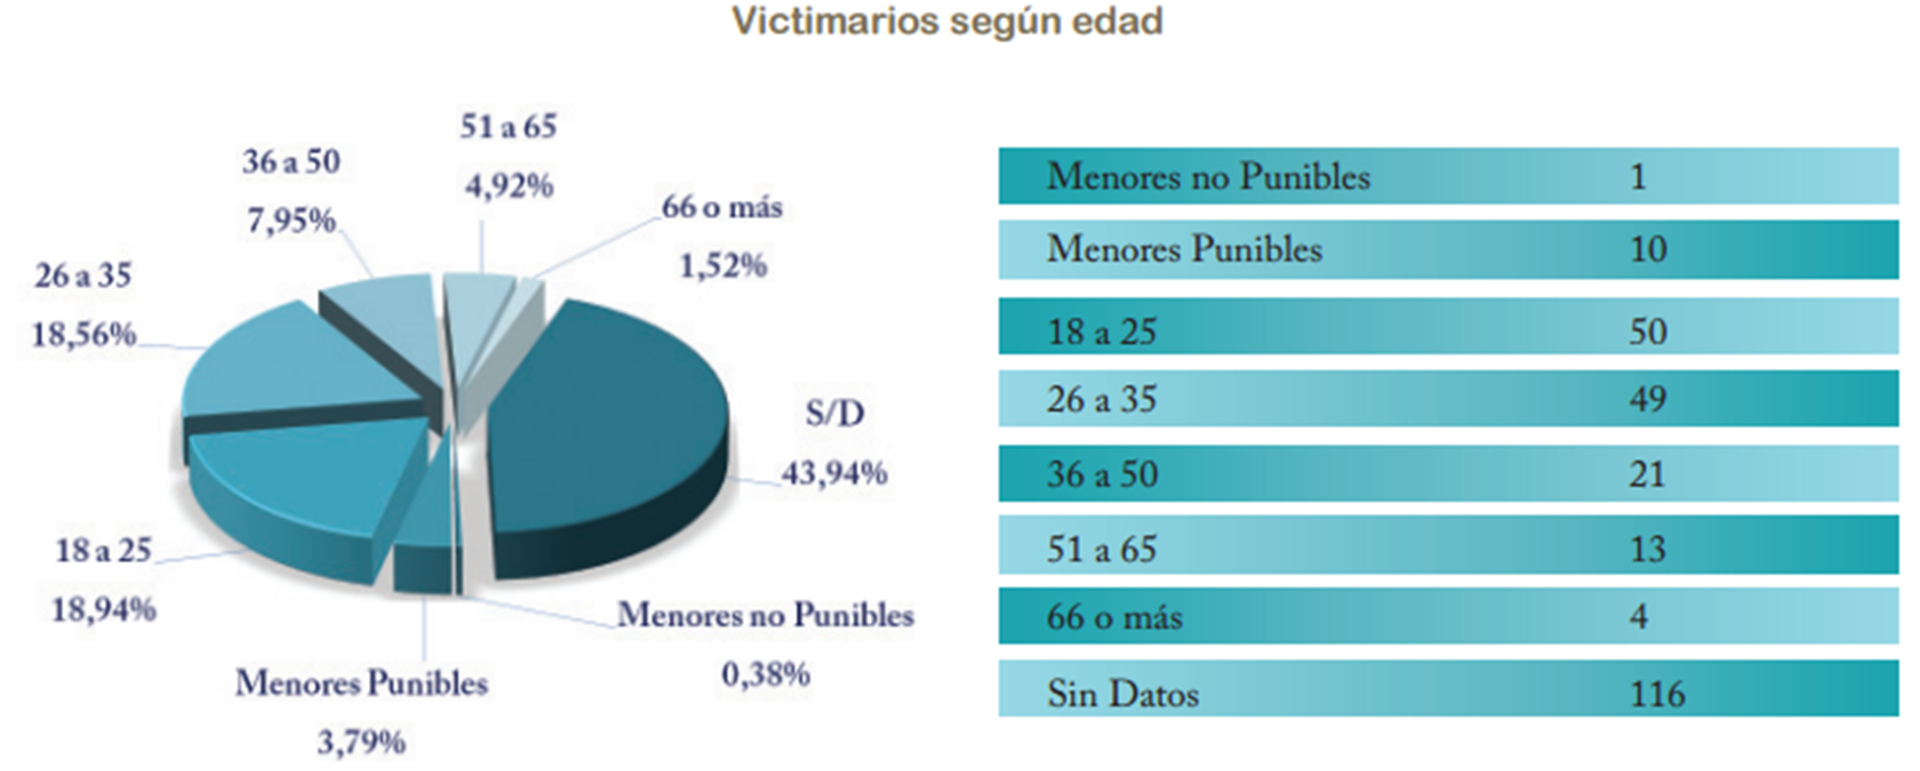 Consejo de la Magistratura de la Nación sobre los homicidios ocurridos en 2015 en la Ciudad